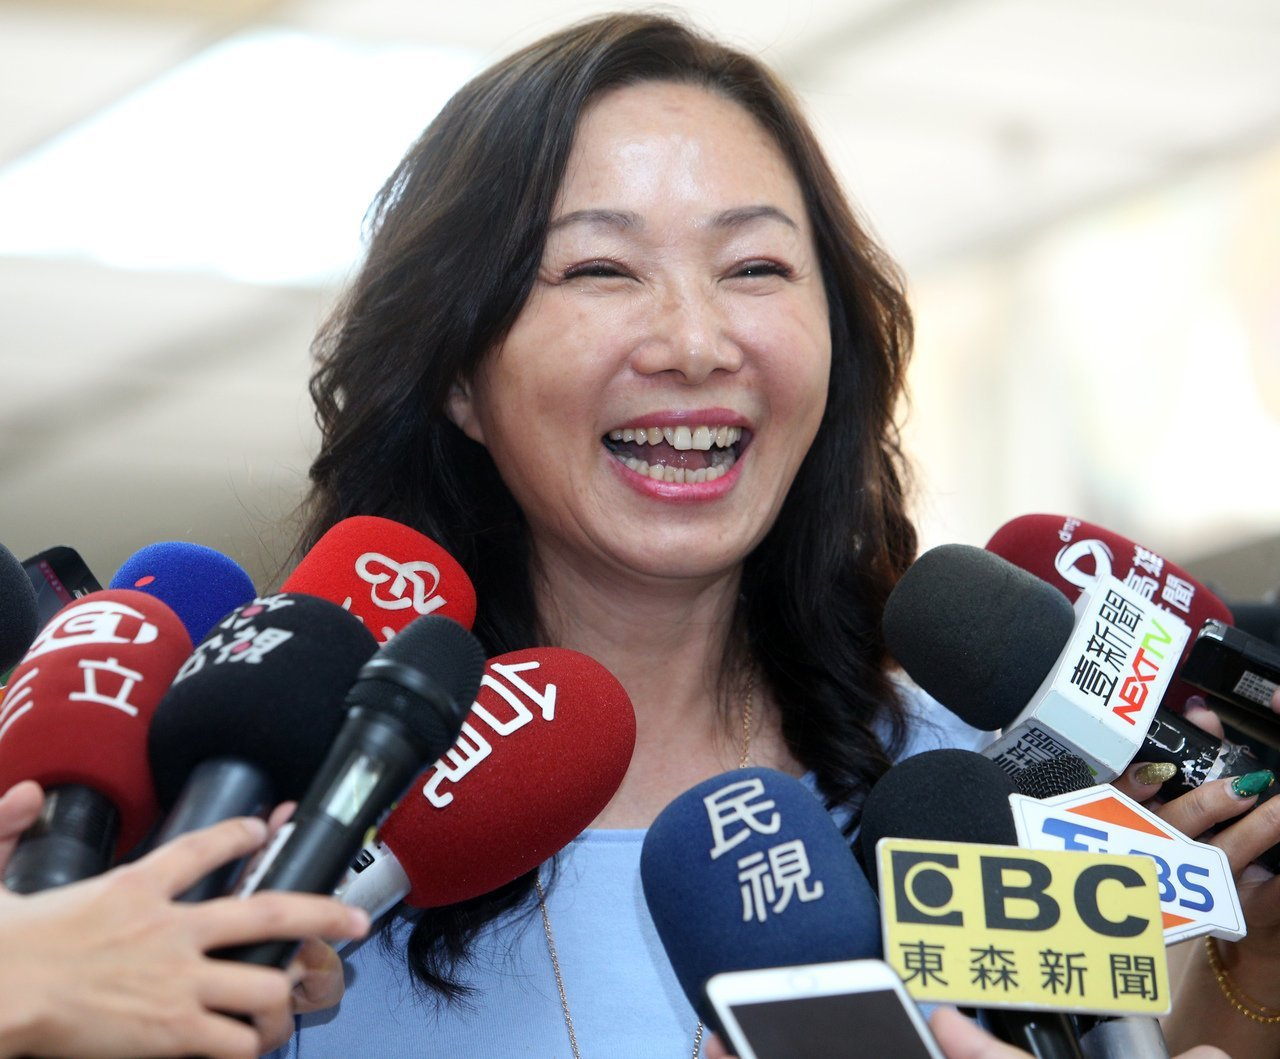 韓國瑜日前推出「學貸免息」政策,夫人李佳芬被問到是否應設防弊措施,李佳芬表示,若...